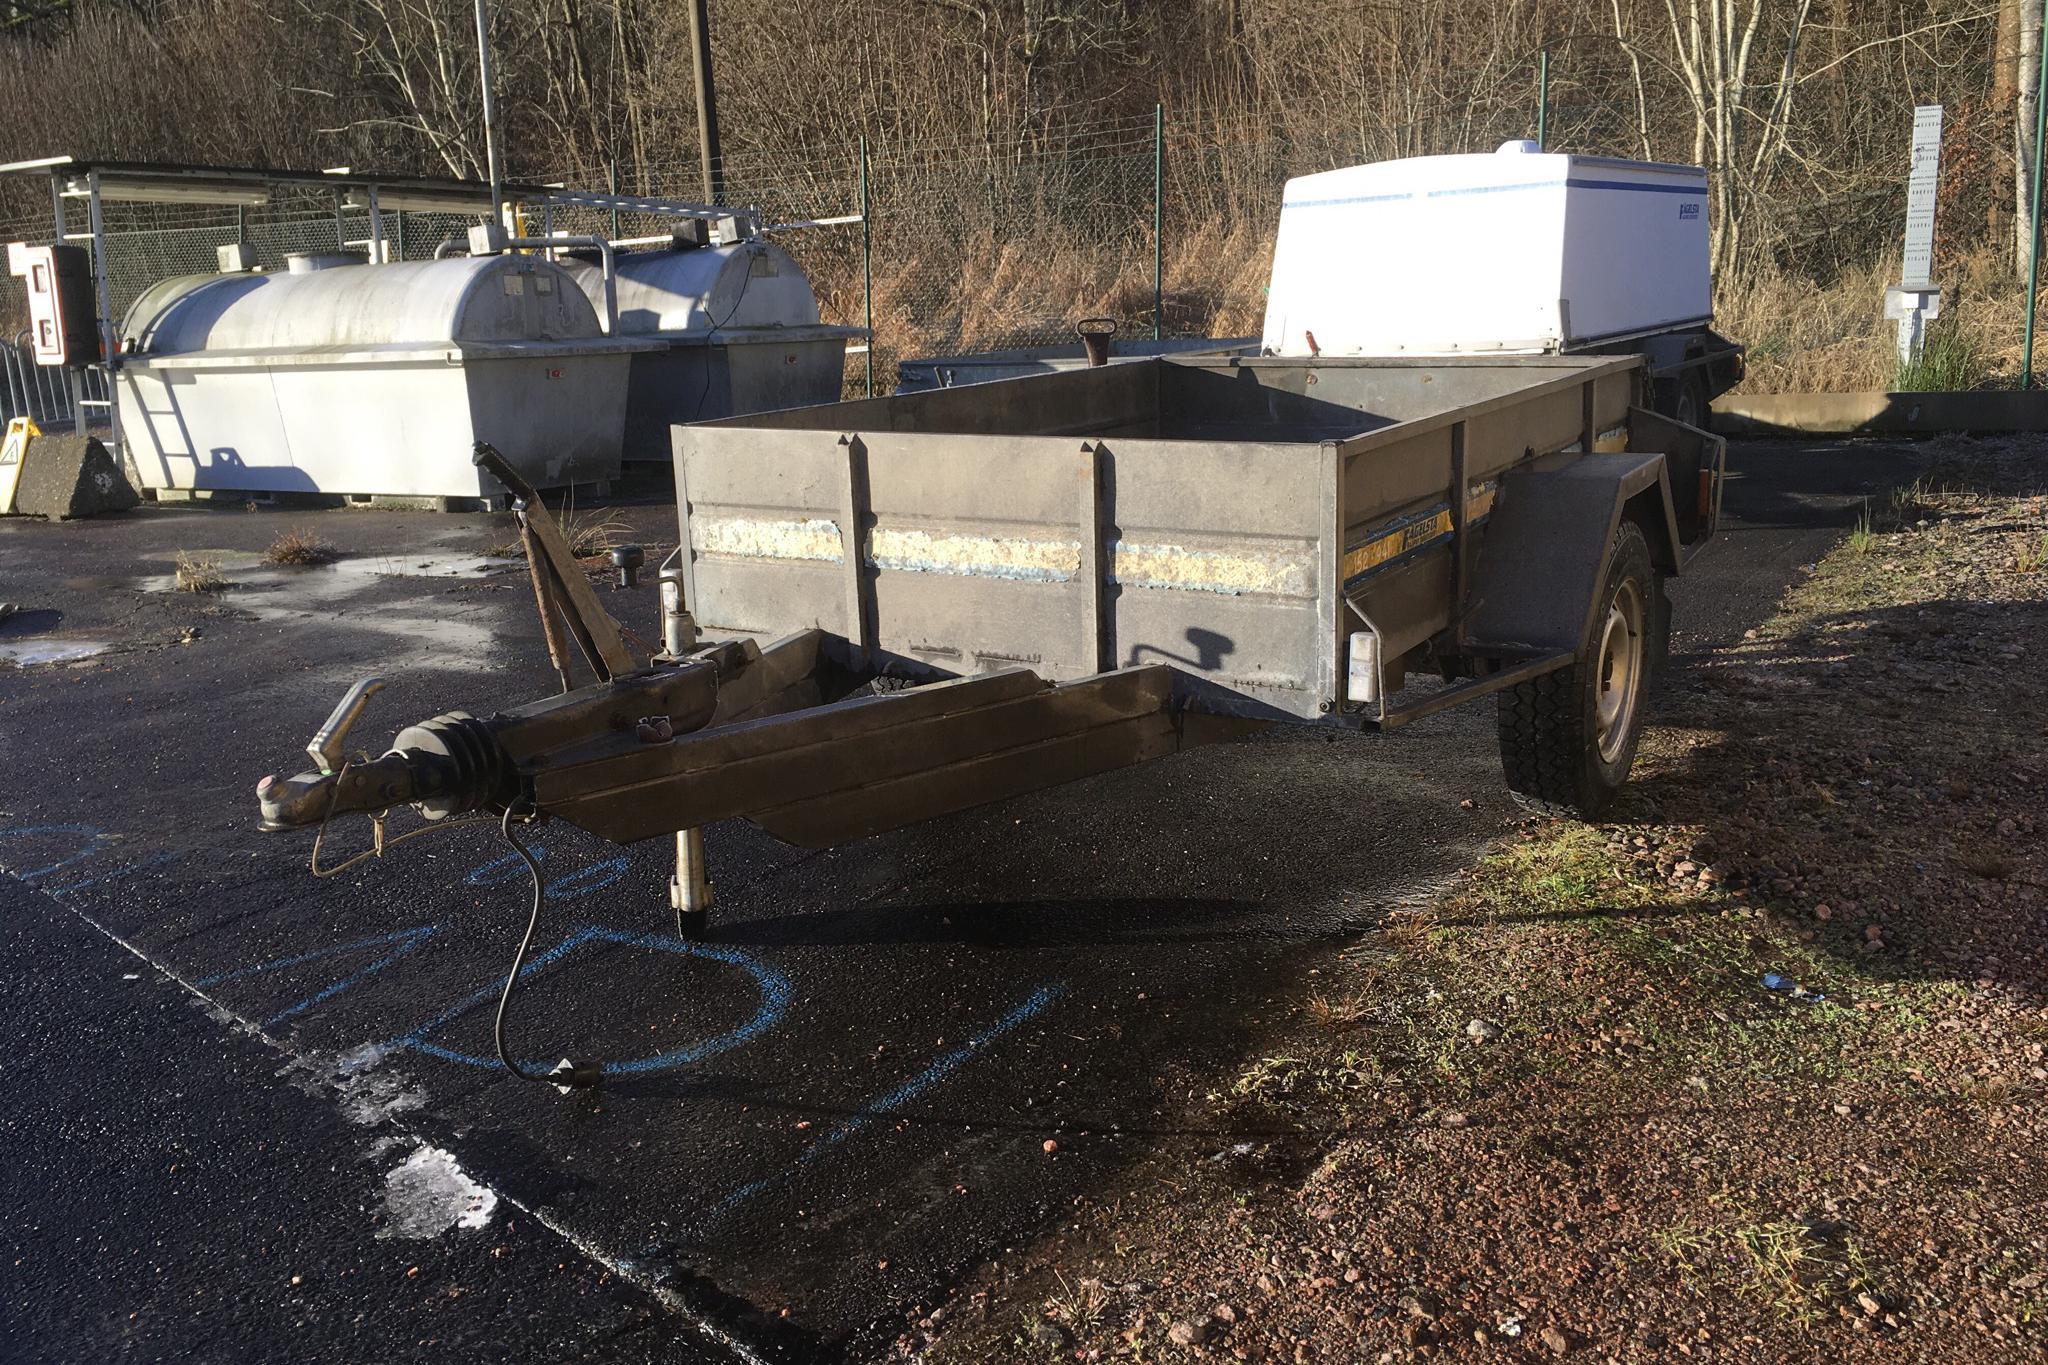 FÅGELSTA SLÄPET M1300 Släpvagn - 0 km - gray - 1989